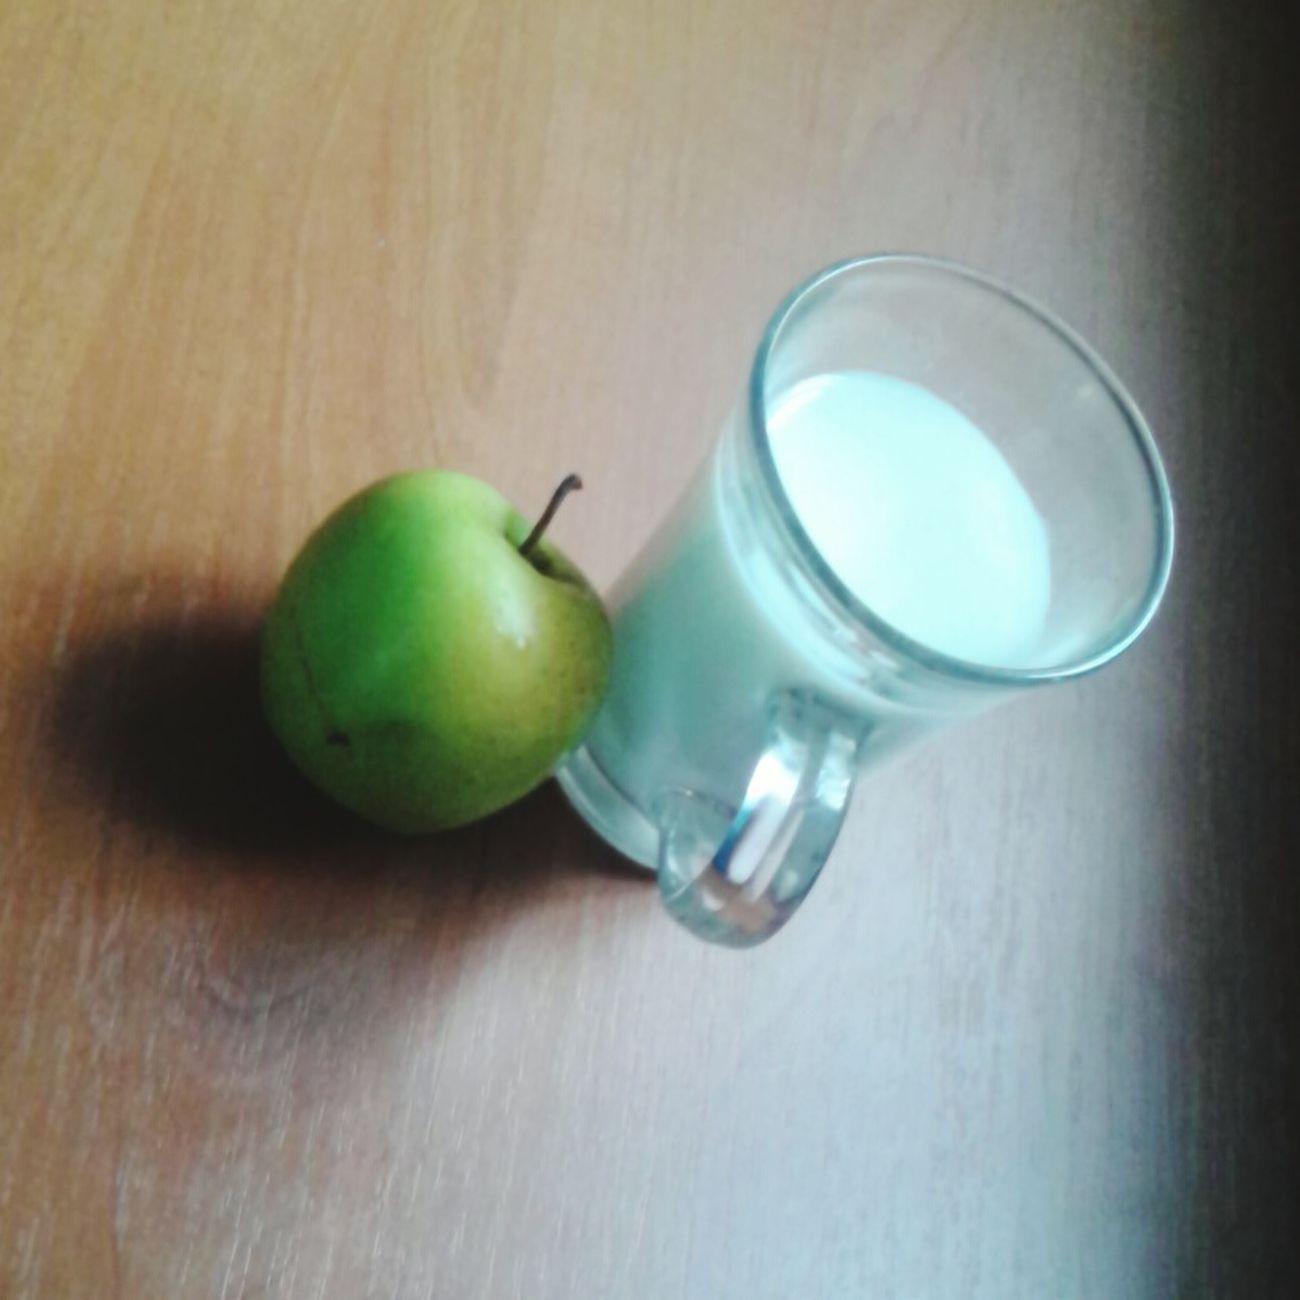 2-гий перек-с: Яблуко та кефір 1% Порада: краще брати 1% продукти тому що вони поживніші та корисніші ніж 0% пп корисна їжа